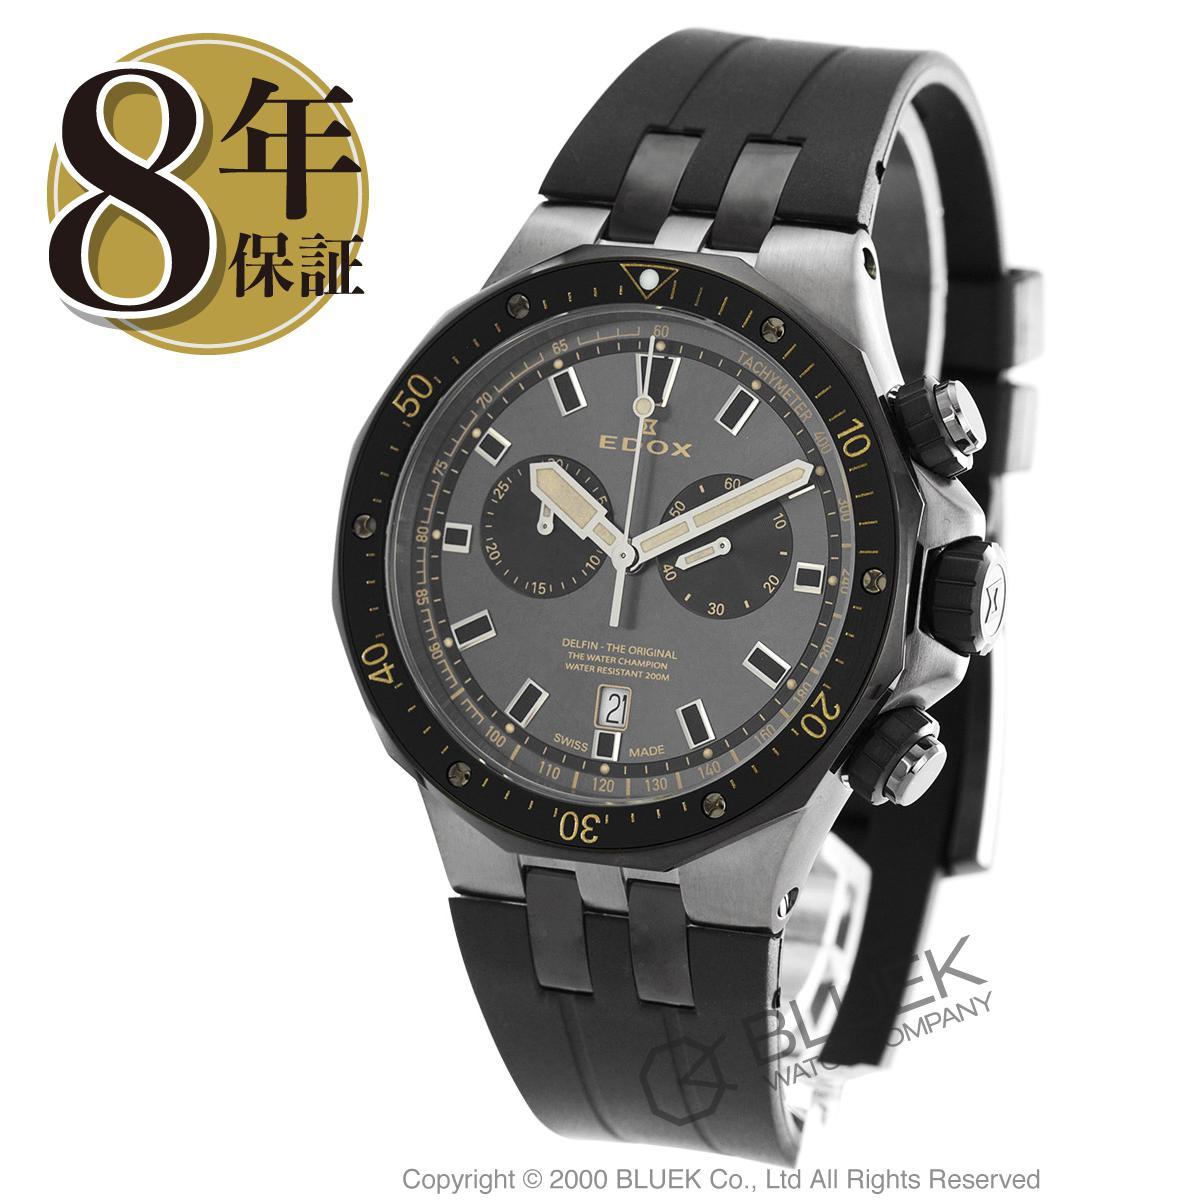 【1,000円OFFクーポン対象】エドックス デルフィン クロノグラフ 腕時計 メンズ EDOX 10109-357GNCA-NINB_8